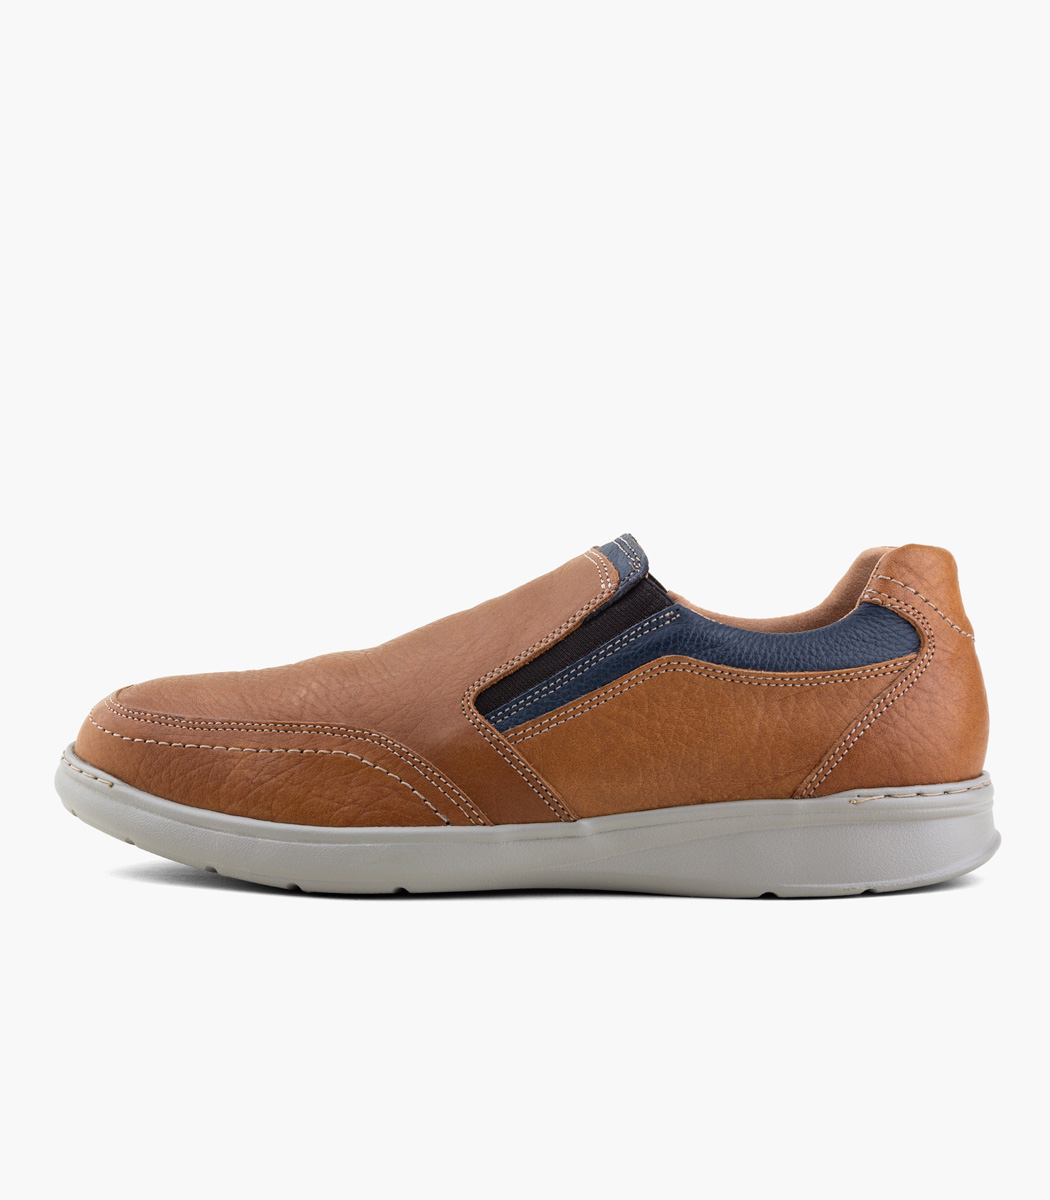 Zapato mocasín con elástico BOATING Cushion Hombre